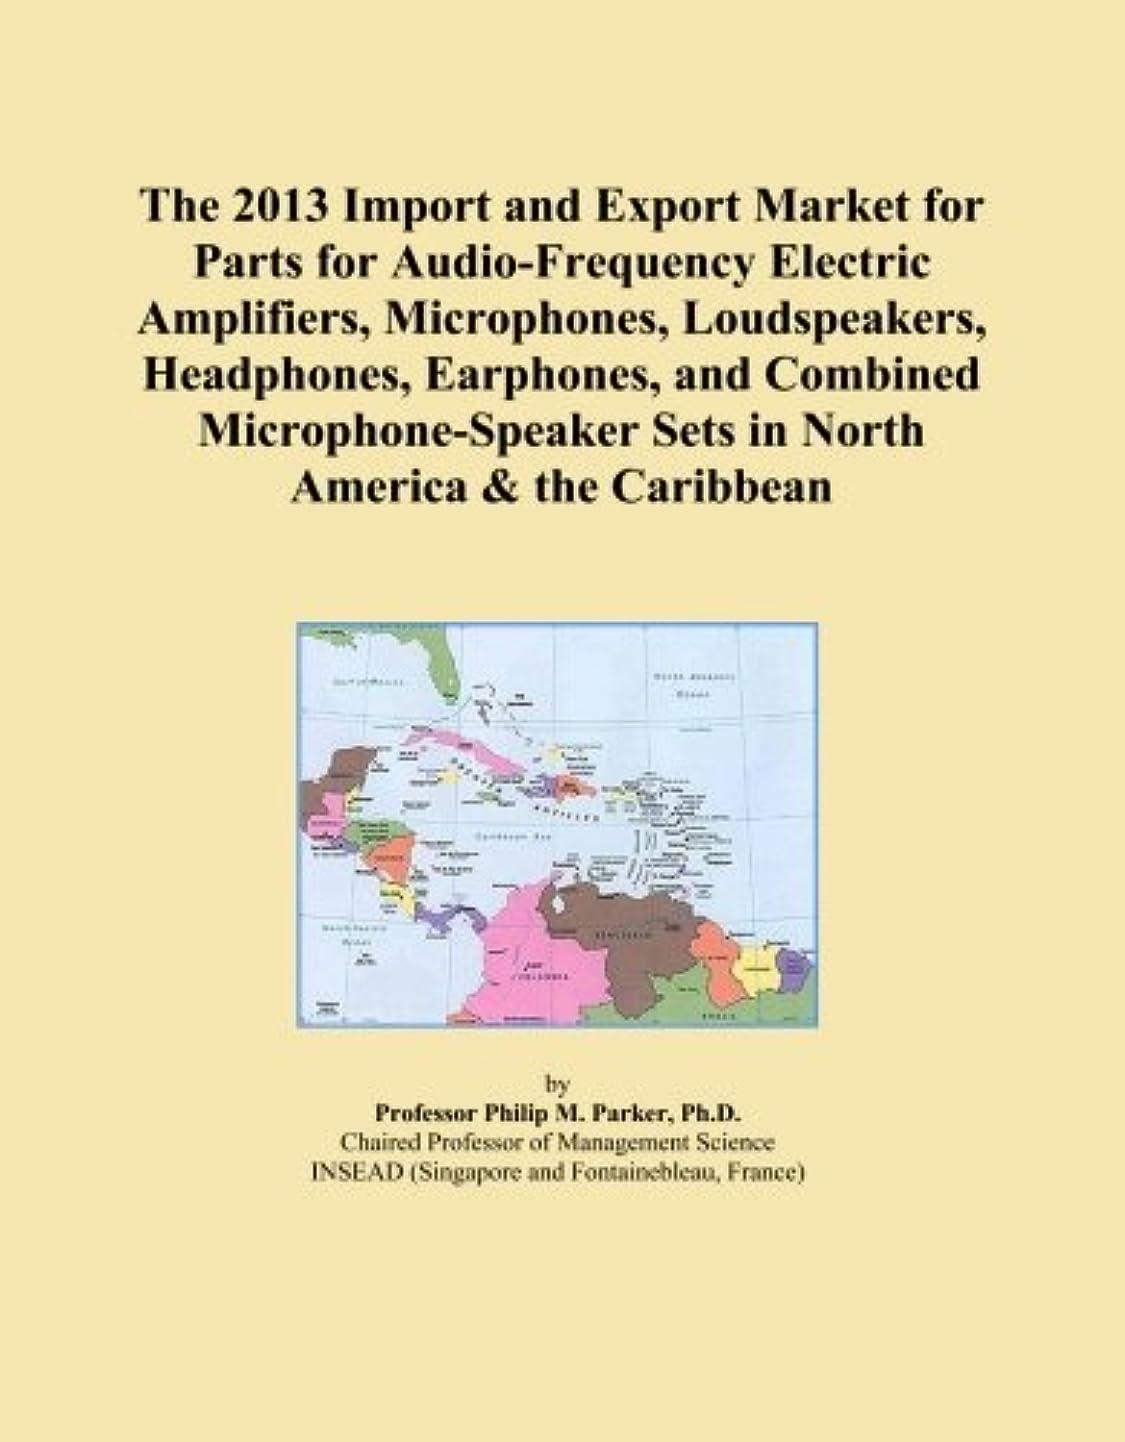 適用済み適用済み生産的The 2013 Import and Export Market for Parts for Audio-Frequency Electric Amplifiers, Microphones, Loudspeakers, Headphones, Earphones, and Combined Microphone-Speaker Sets in North America & the Caribbean